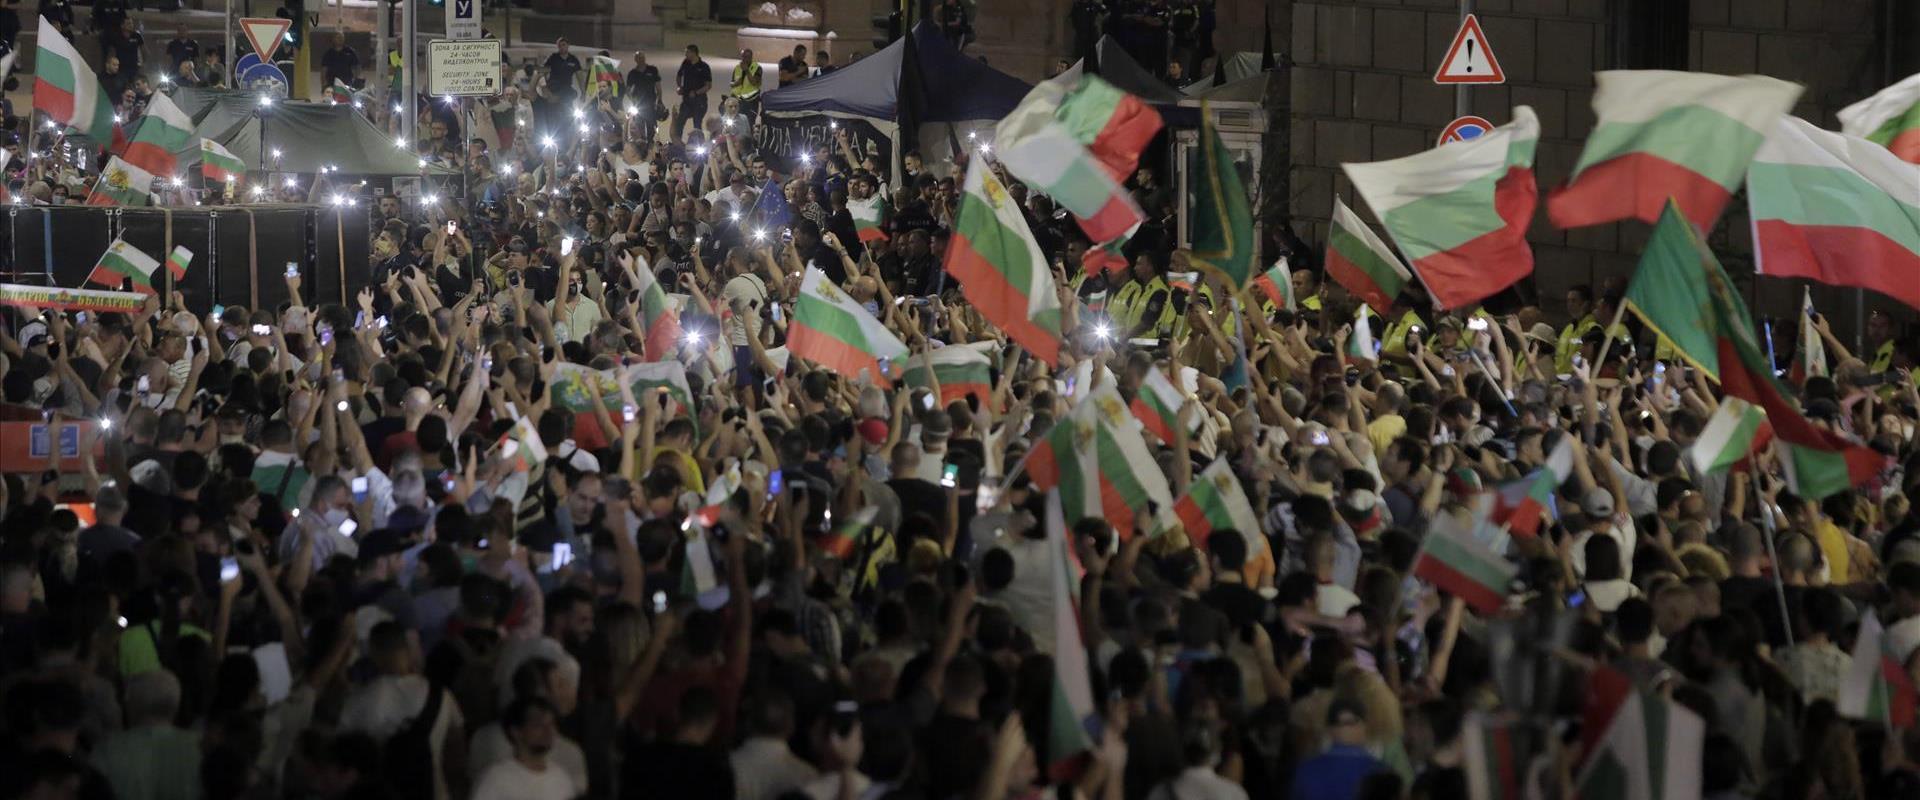 הפגנות מחוץ לבניין הפרלמנט בסופיה, הלילה